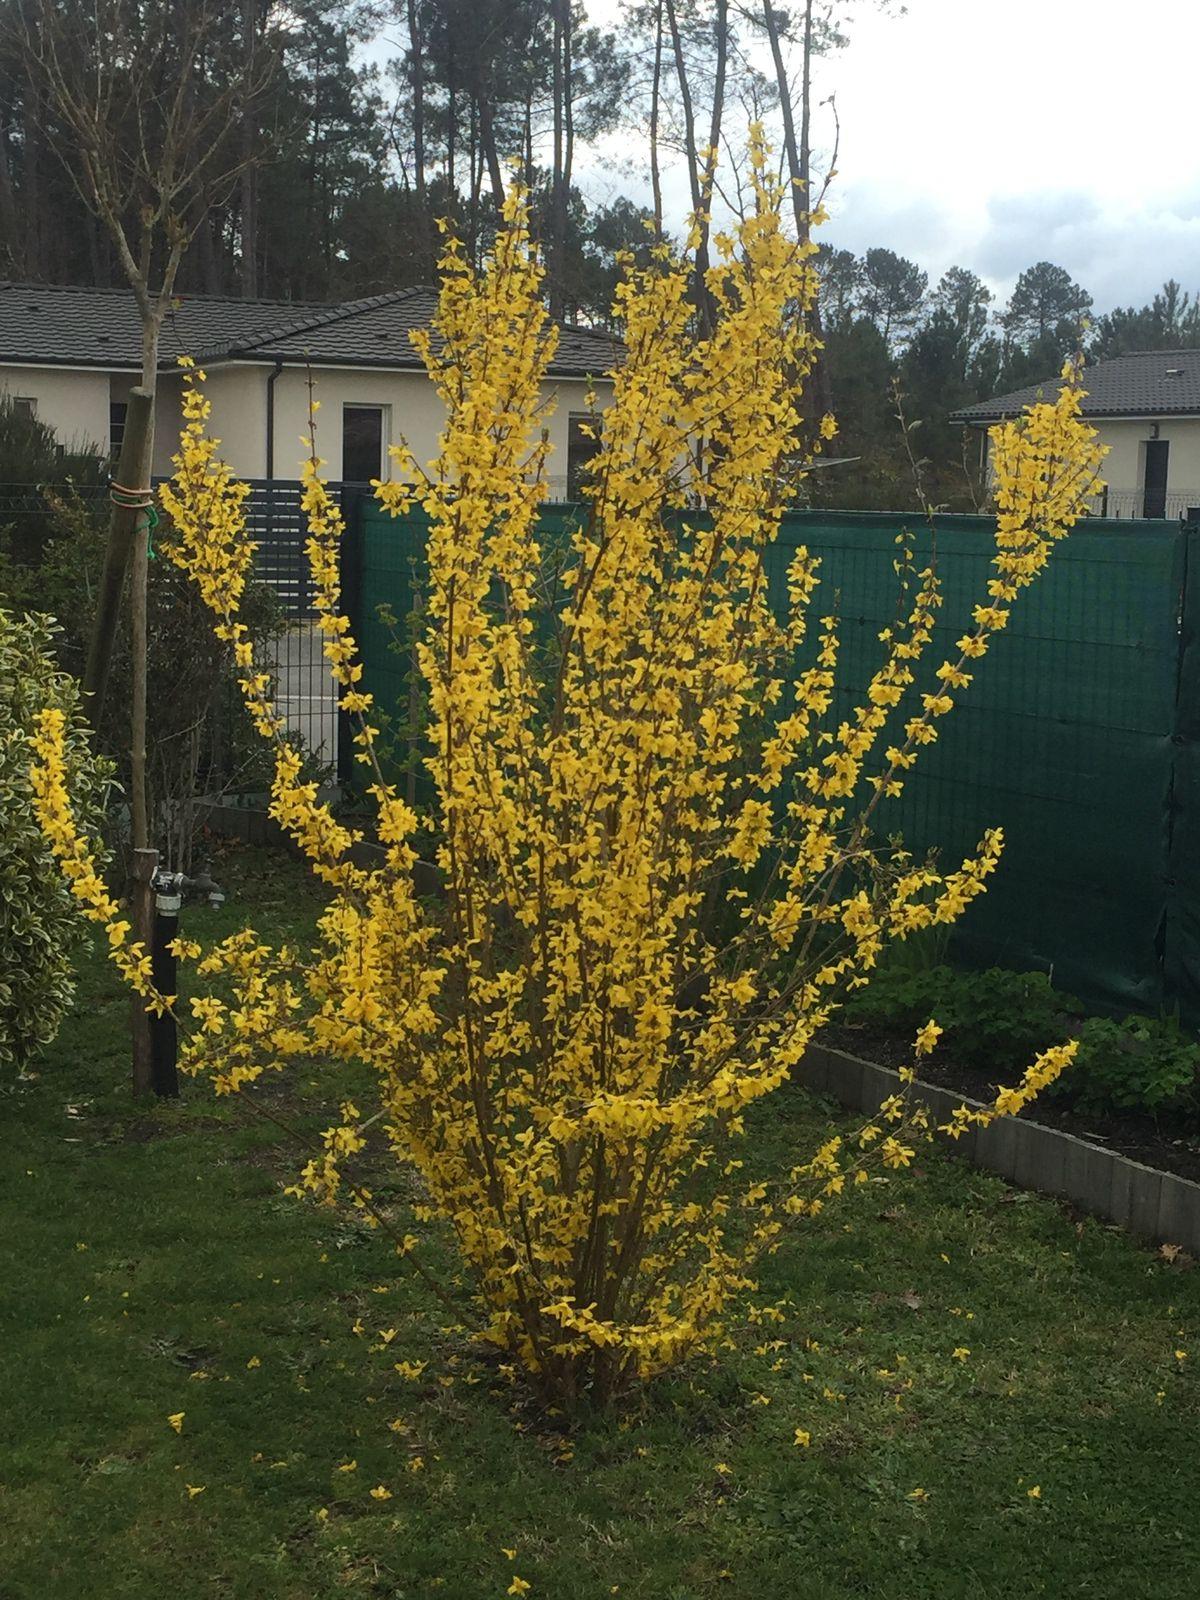 Le forsythia qui n'en peut plus de fleurir, merveilleuse lumière dans un jardin.